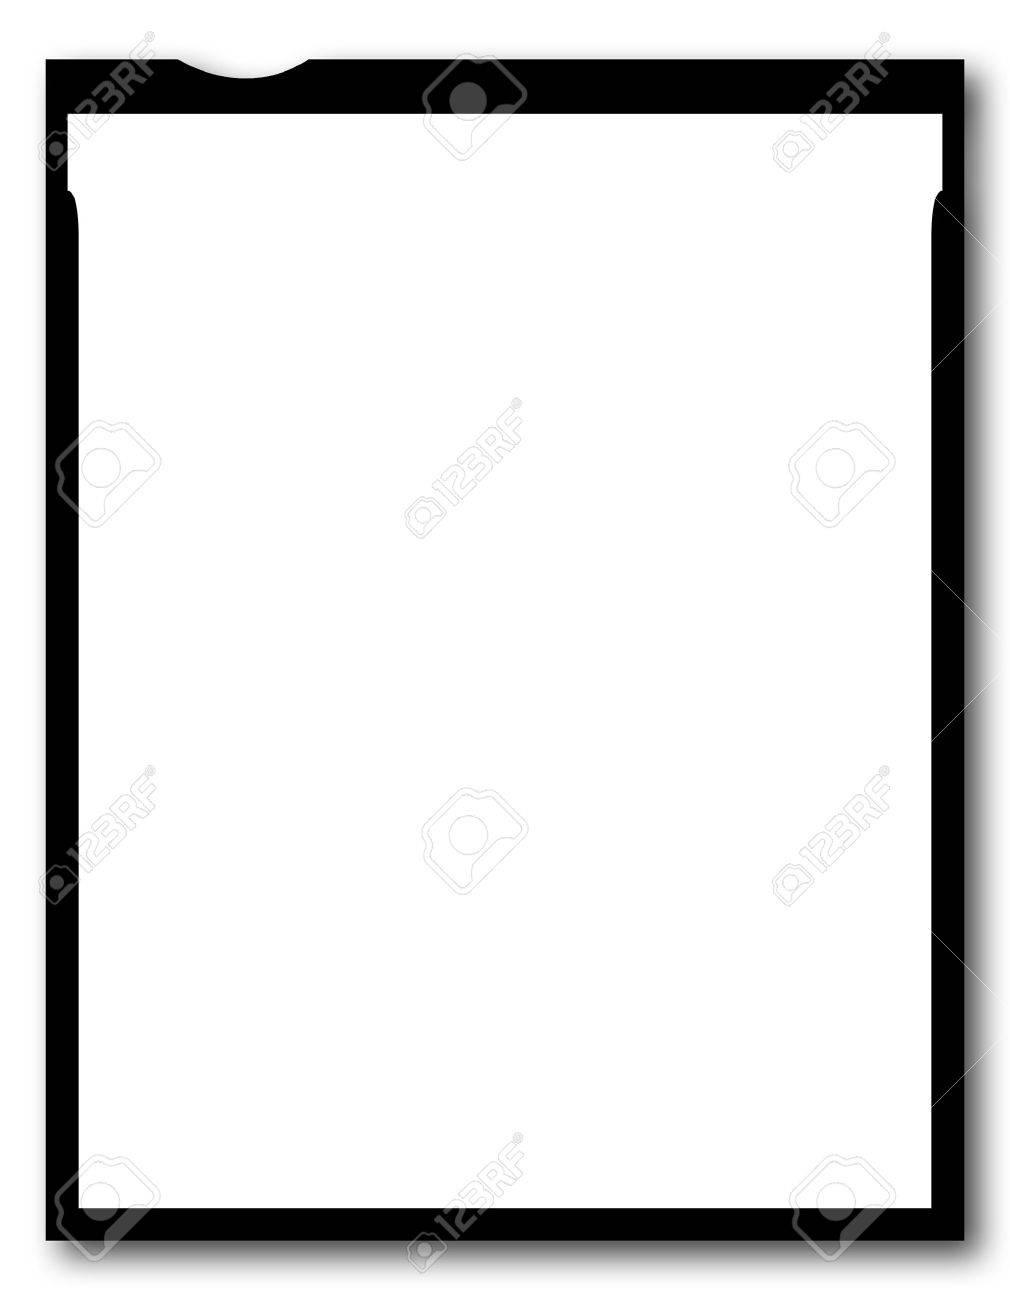 Una Pieza En Blanco De 4x5 Pulgadas Hoja De Película, De Gran ...